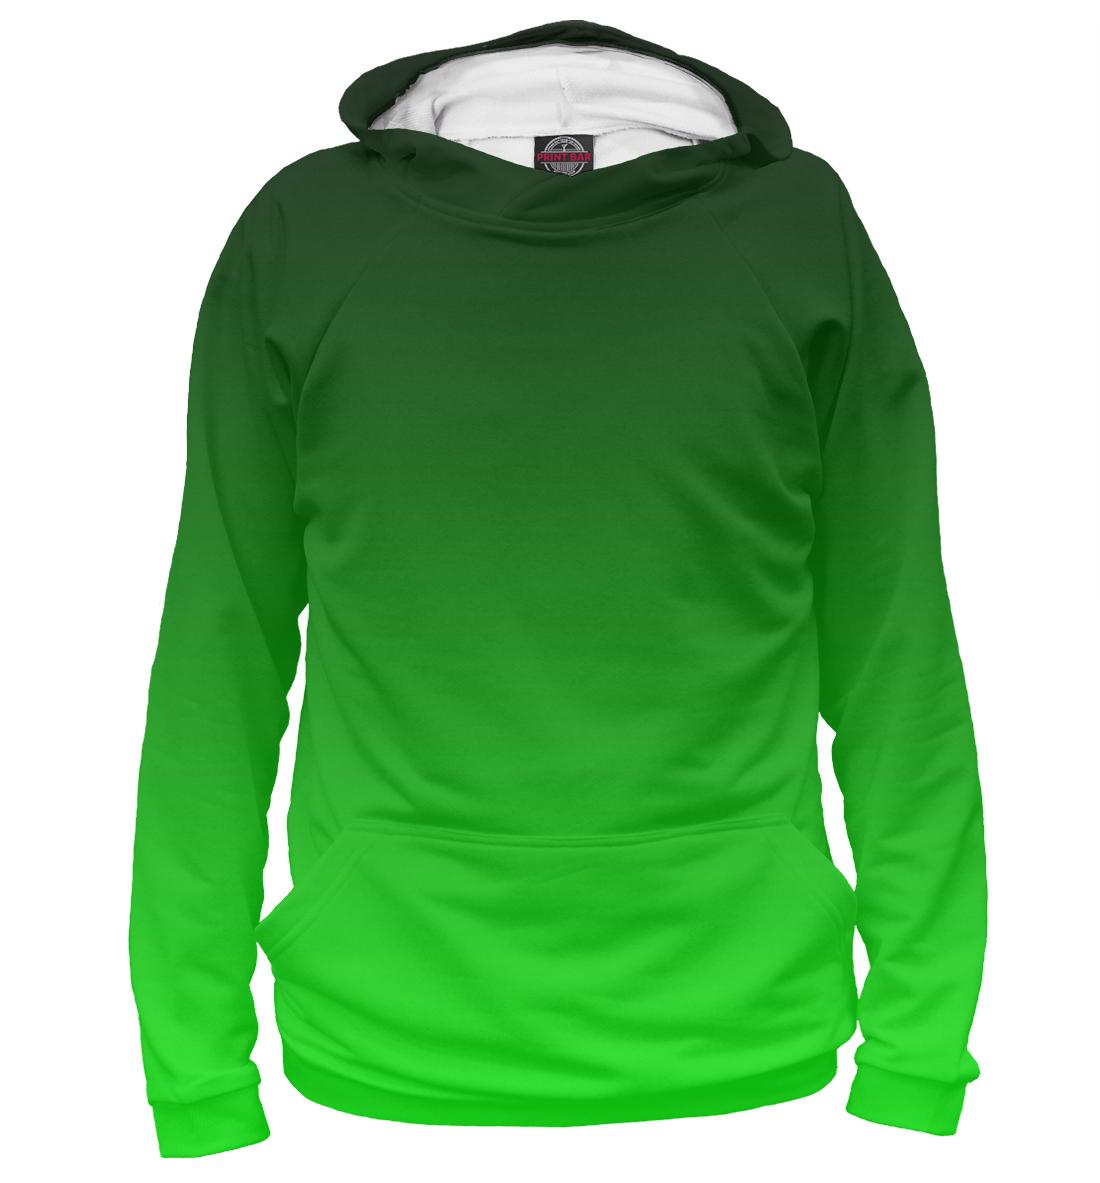 Купить Градиент Зеленый в Черный, Printbar, Худи, CLR-327769-hud-1